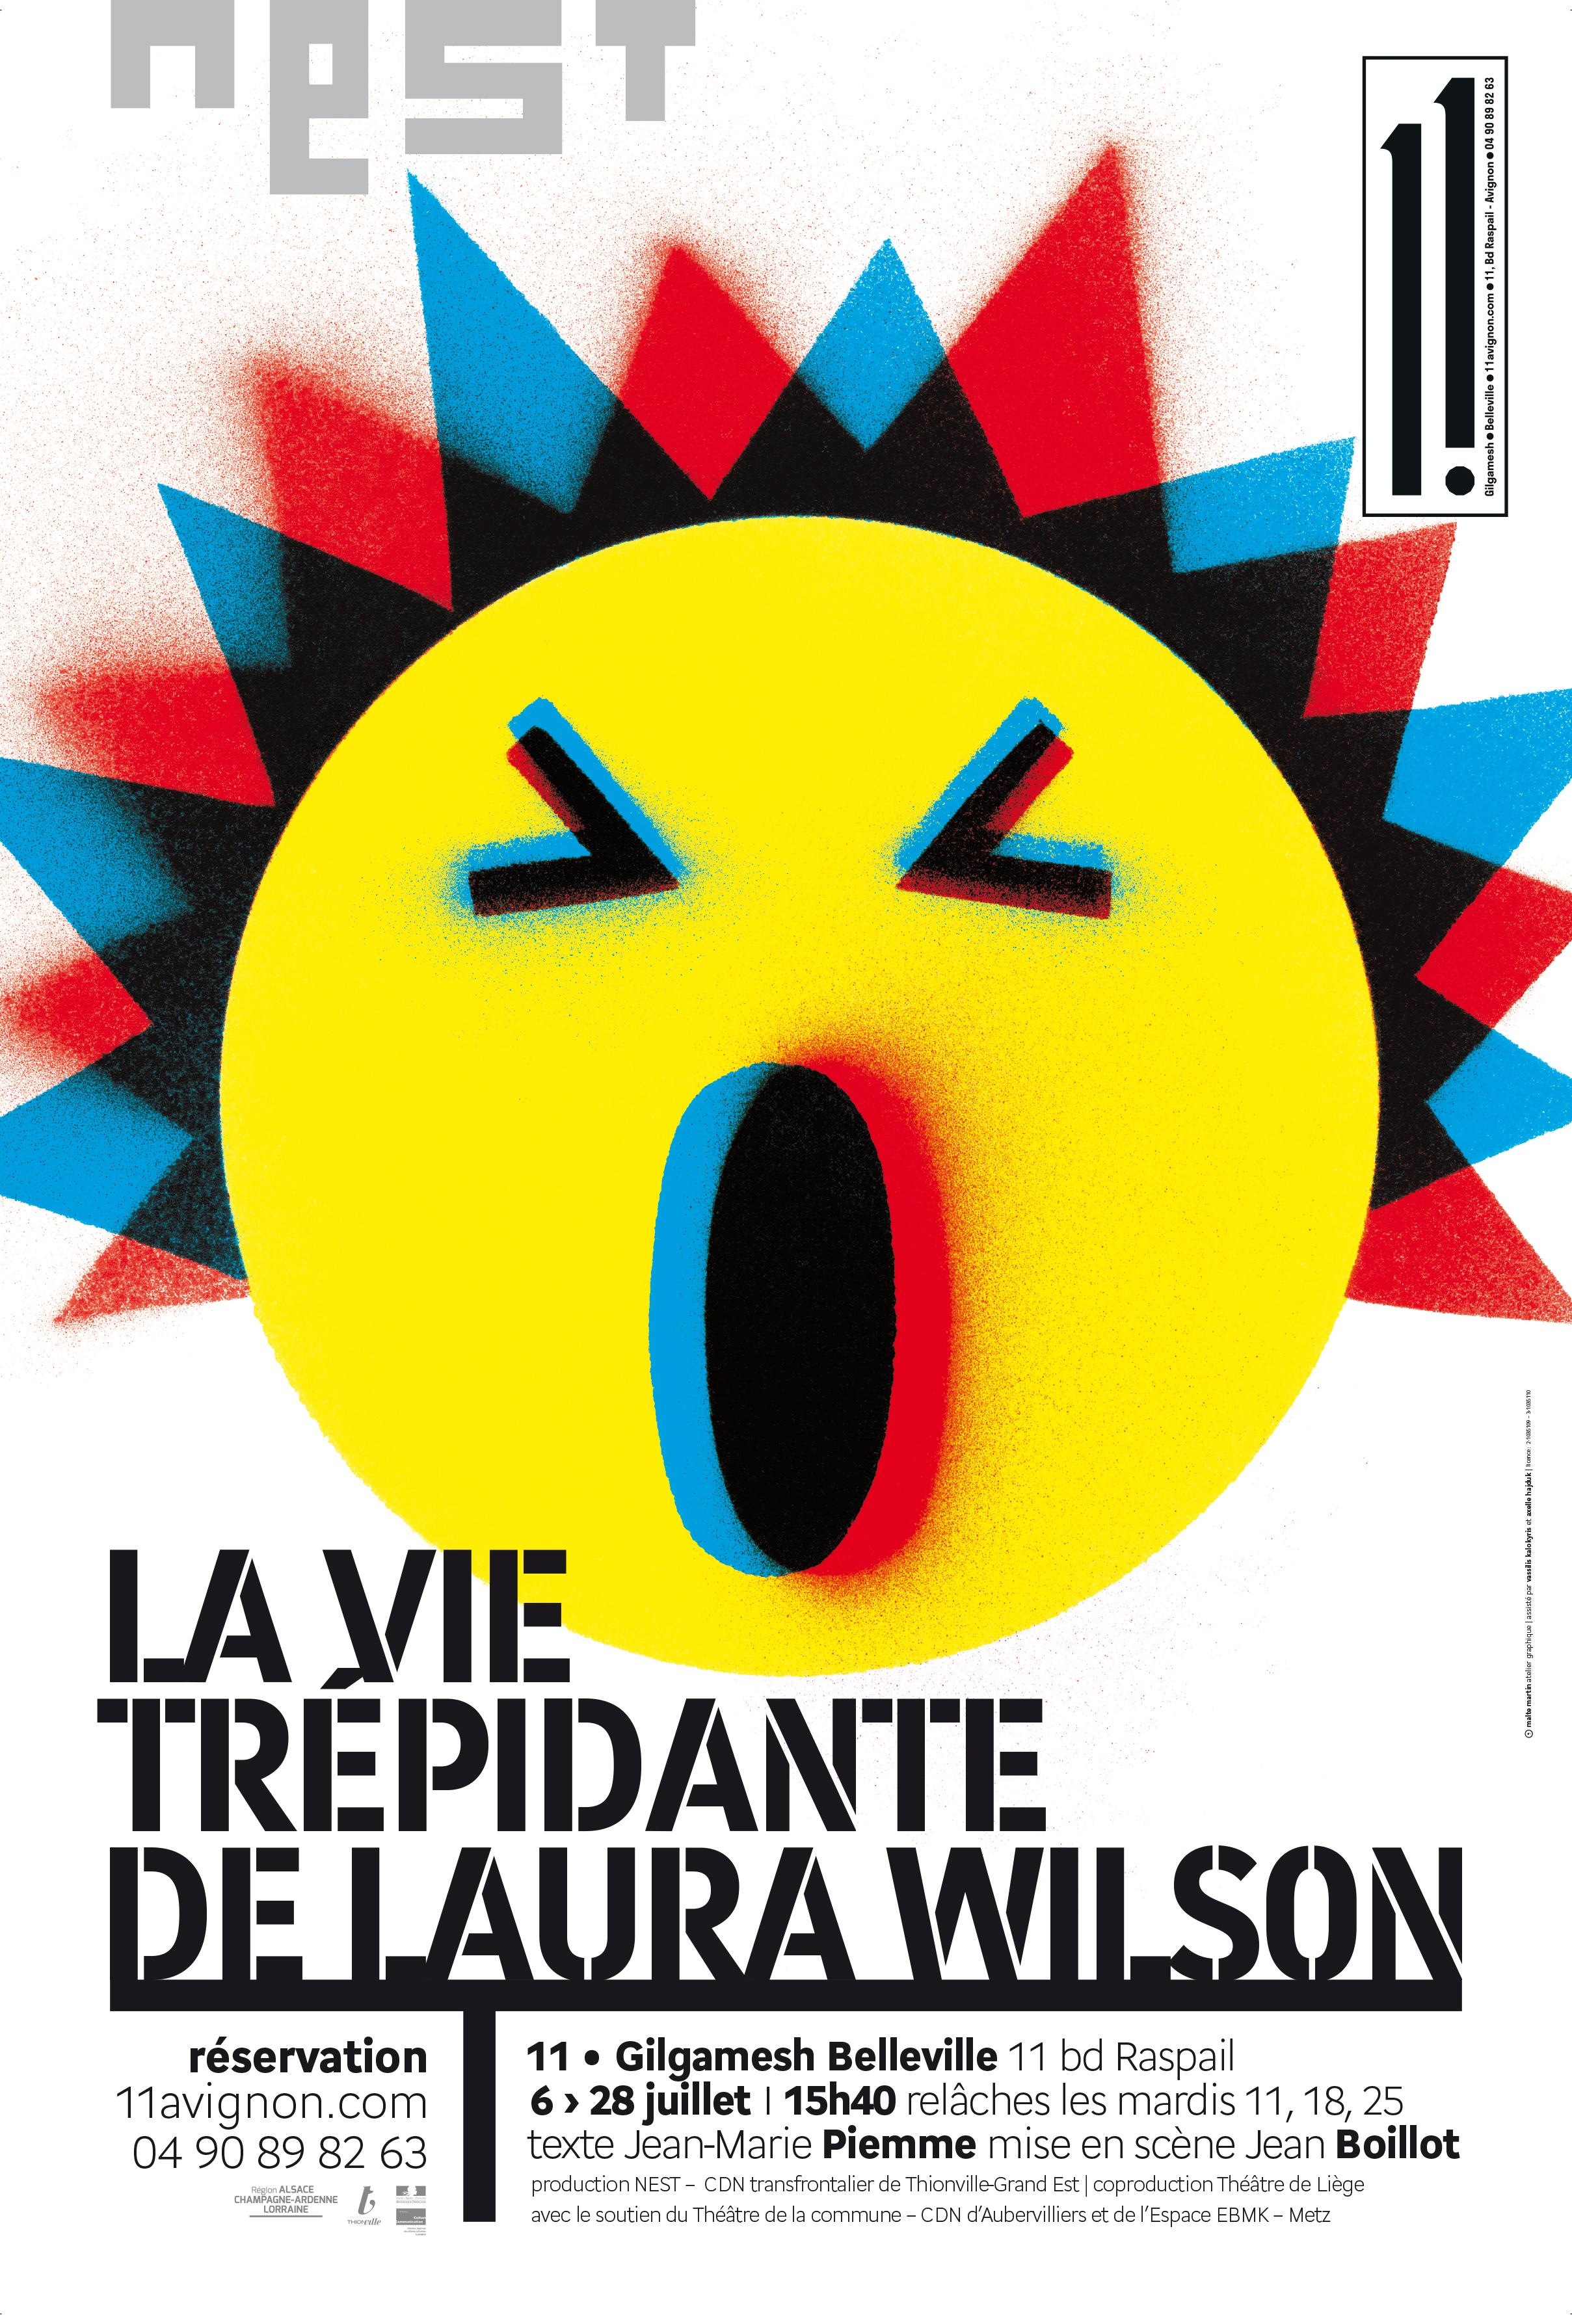 LA VIE TREPIDANTE DE LAURA WILSON